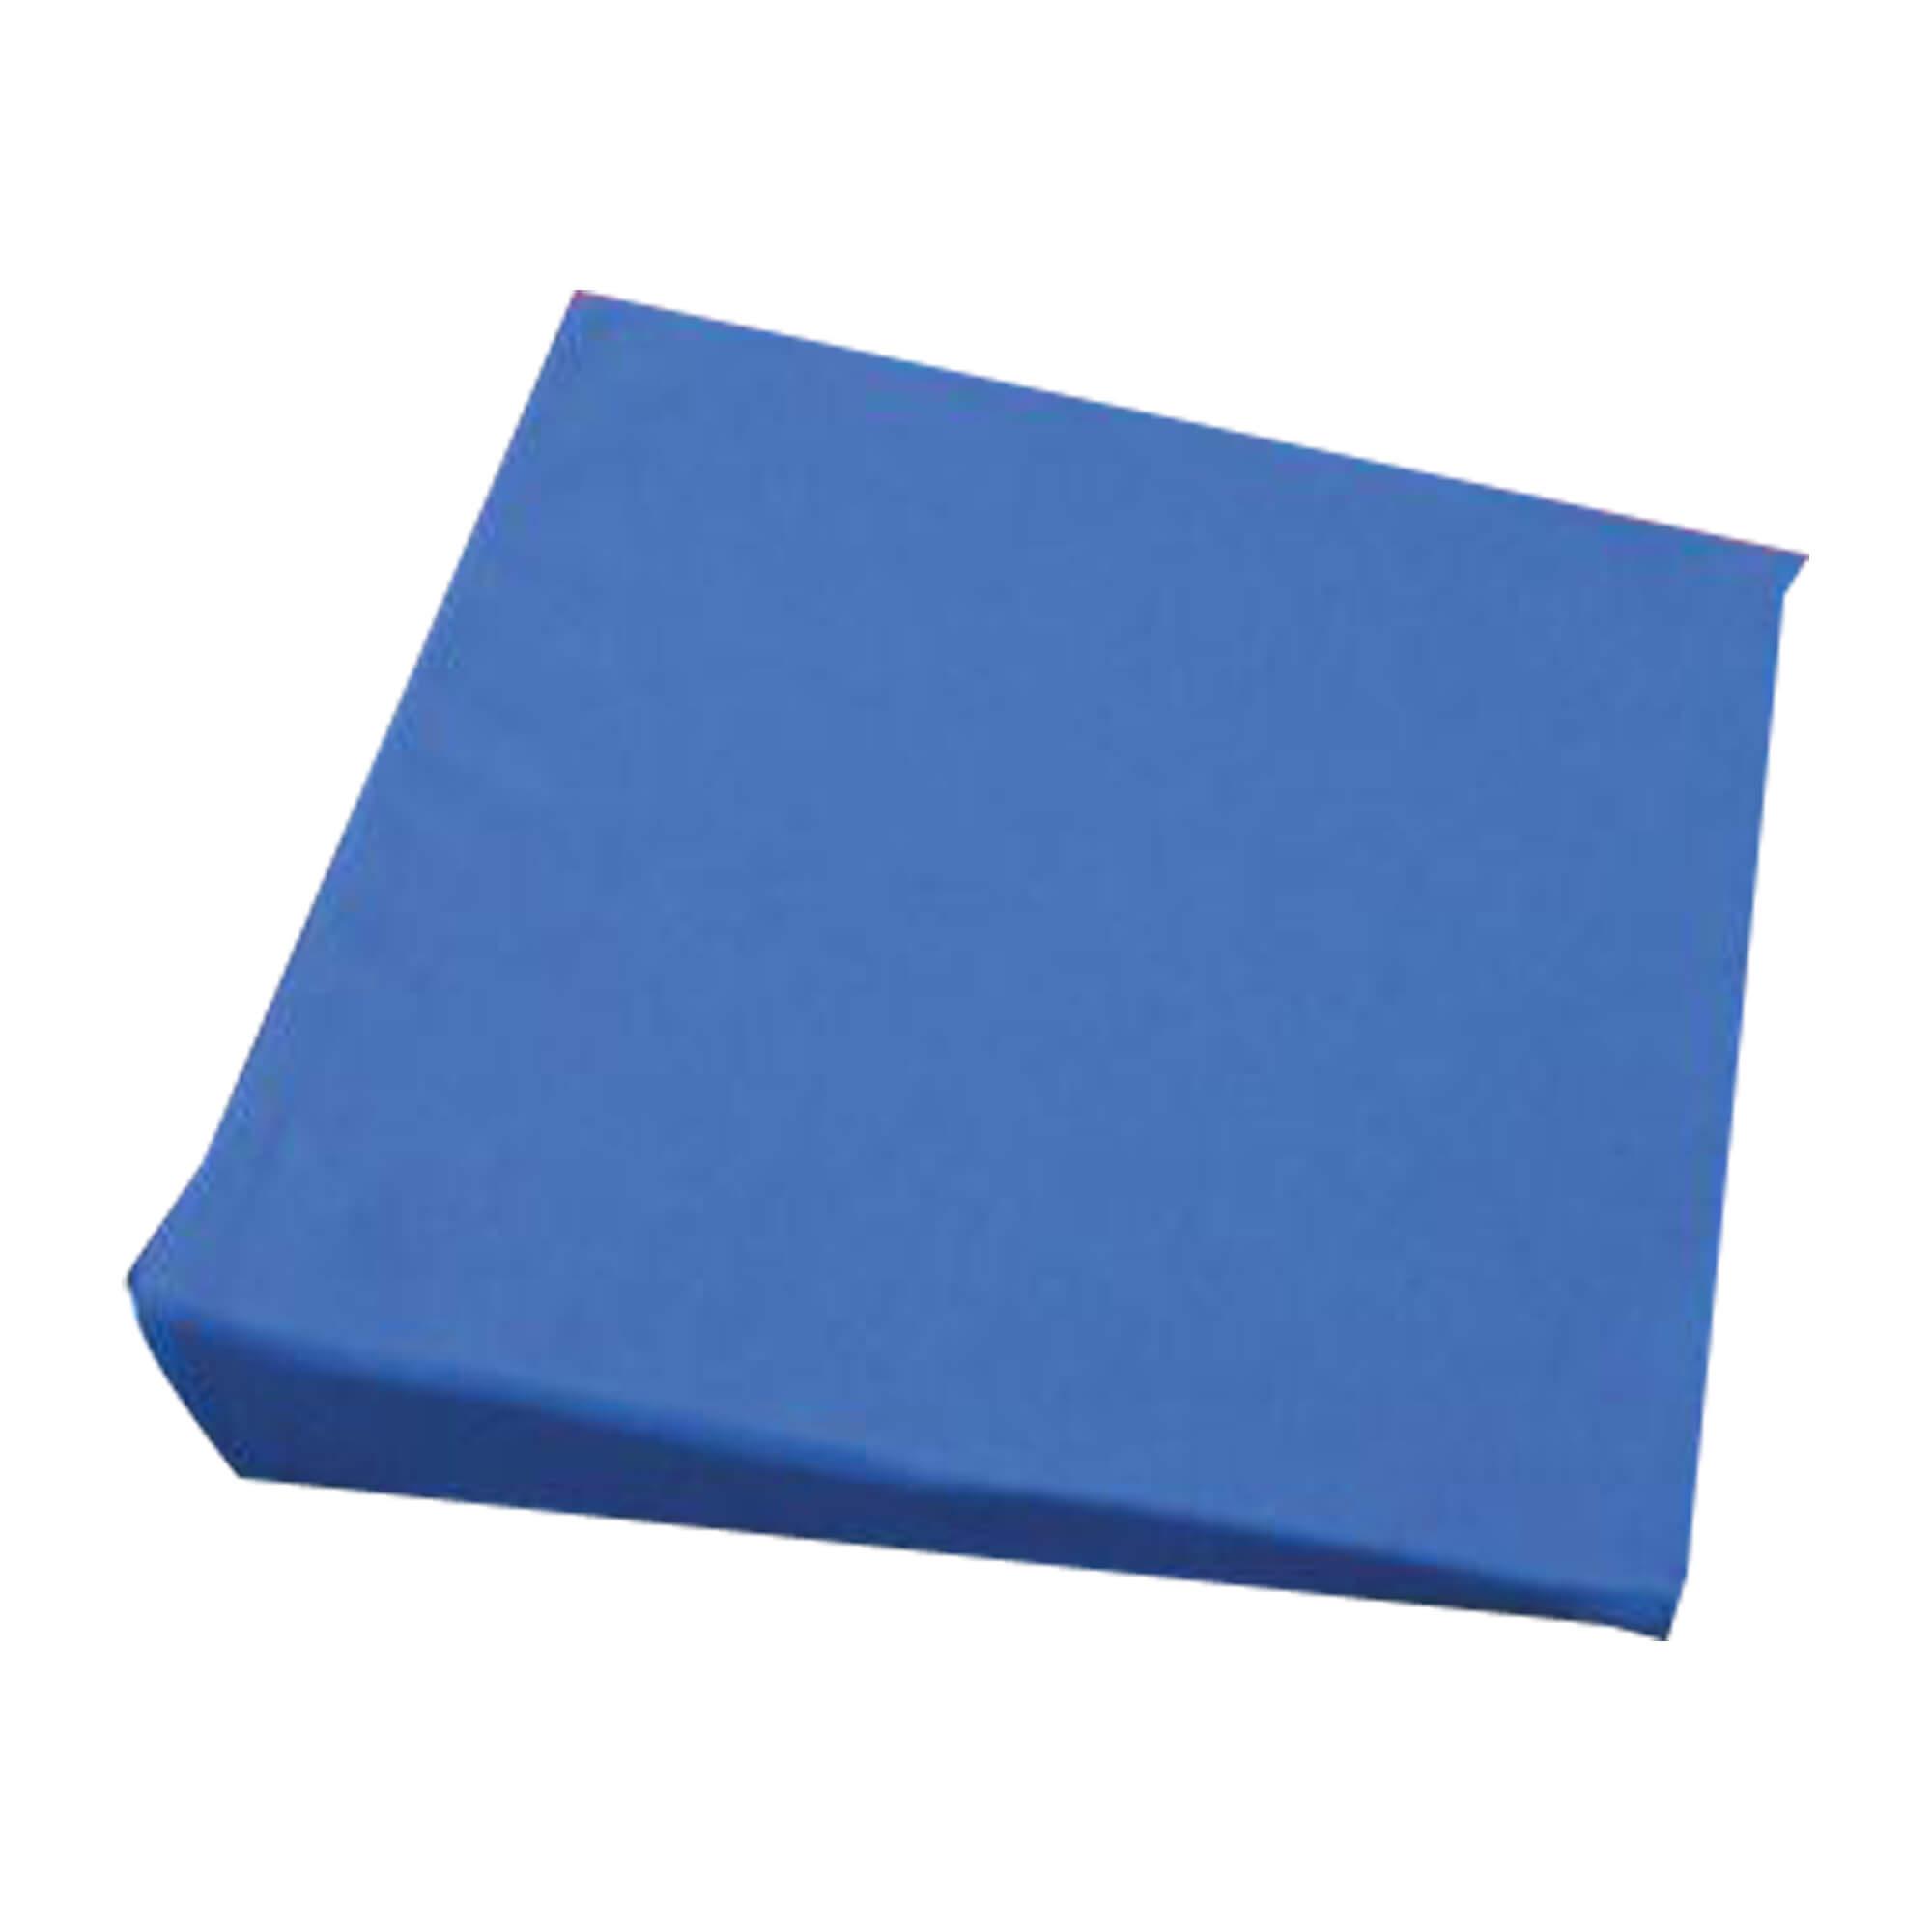 Keilkissen mit Bezug blau